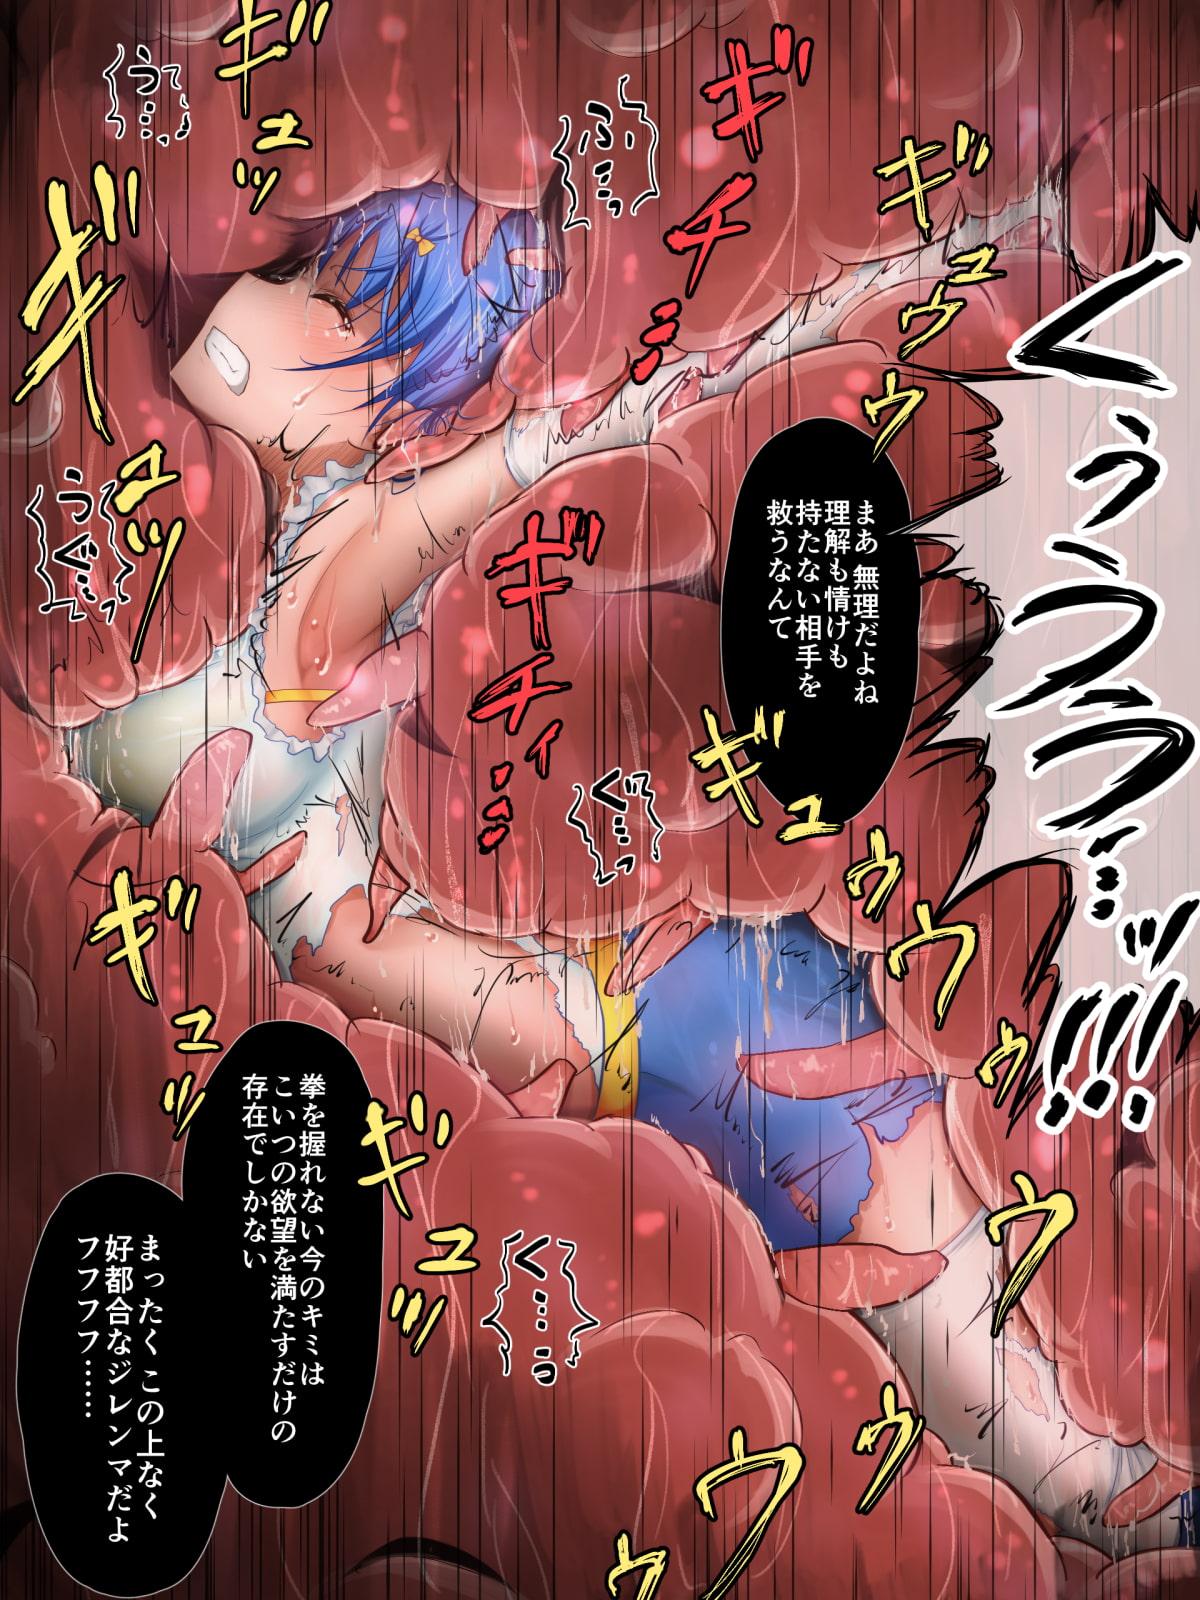 【丸呑みリョナ漫画】ひろぴん! ジレンマ